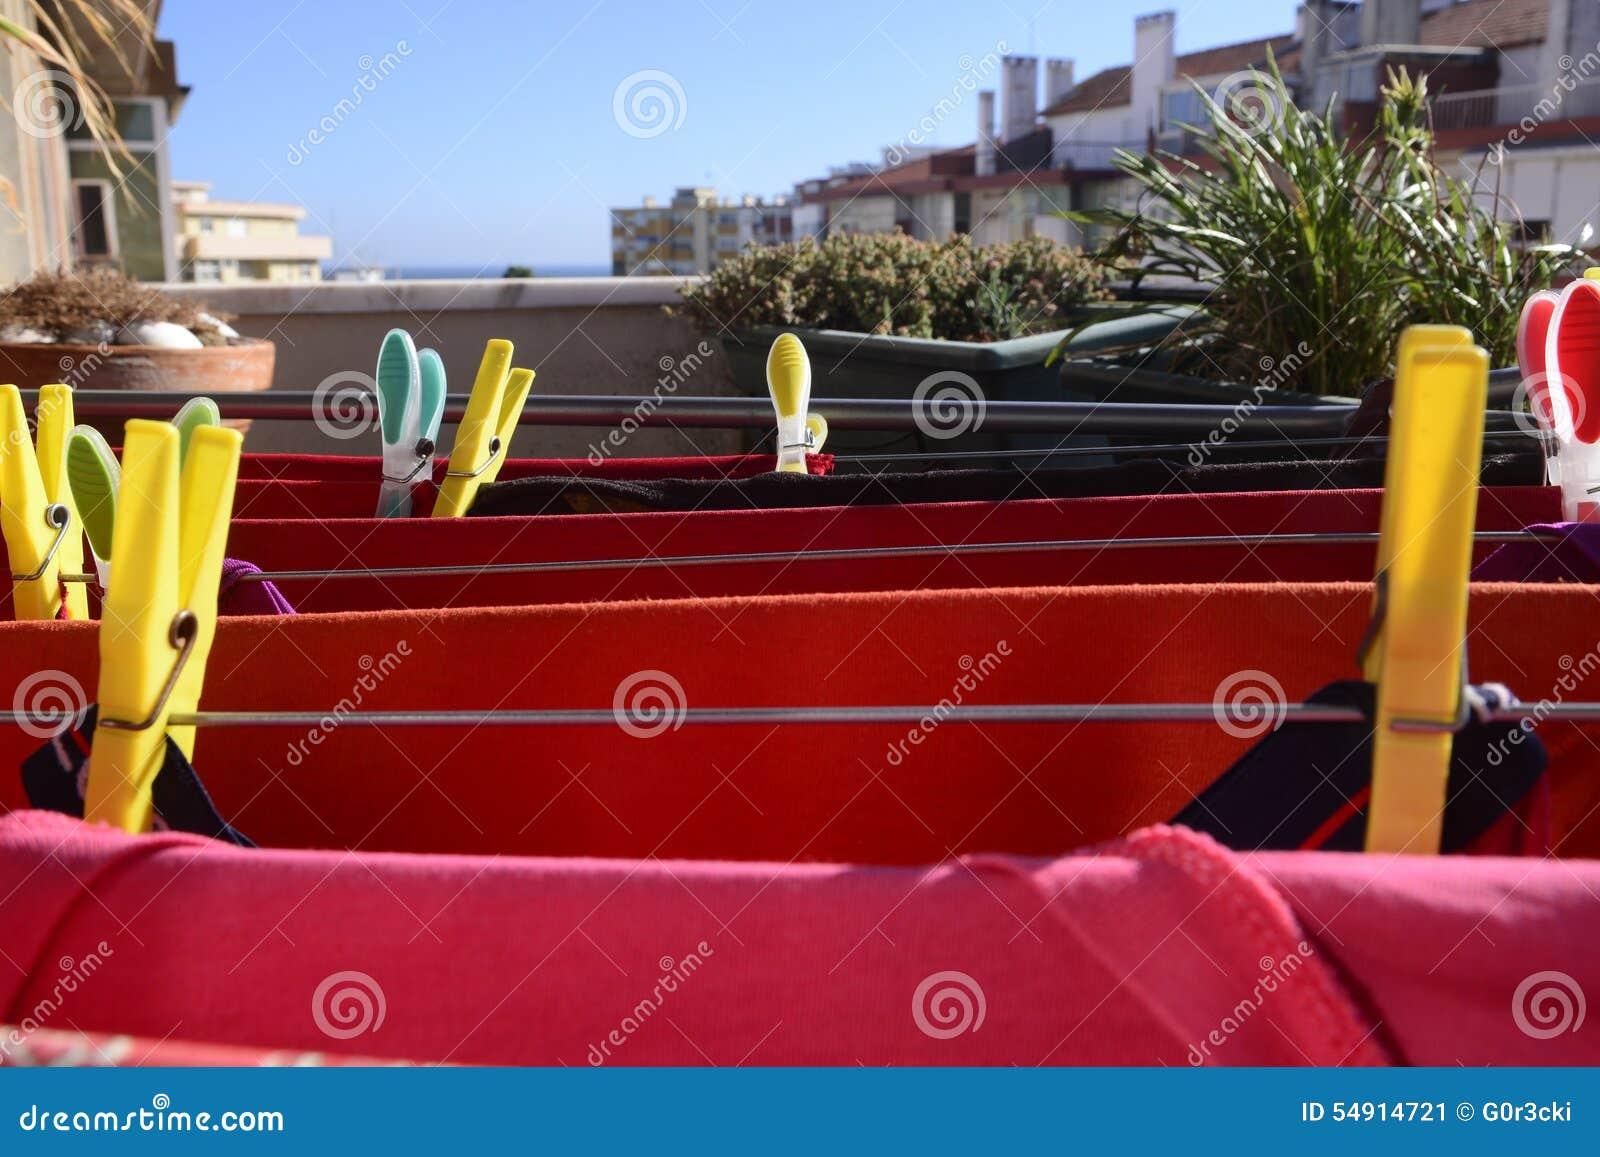 Roter wäscherei trockner bunte stifte hauptanlagen balkon